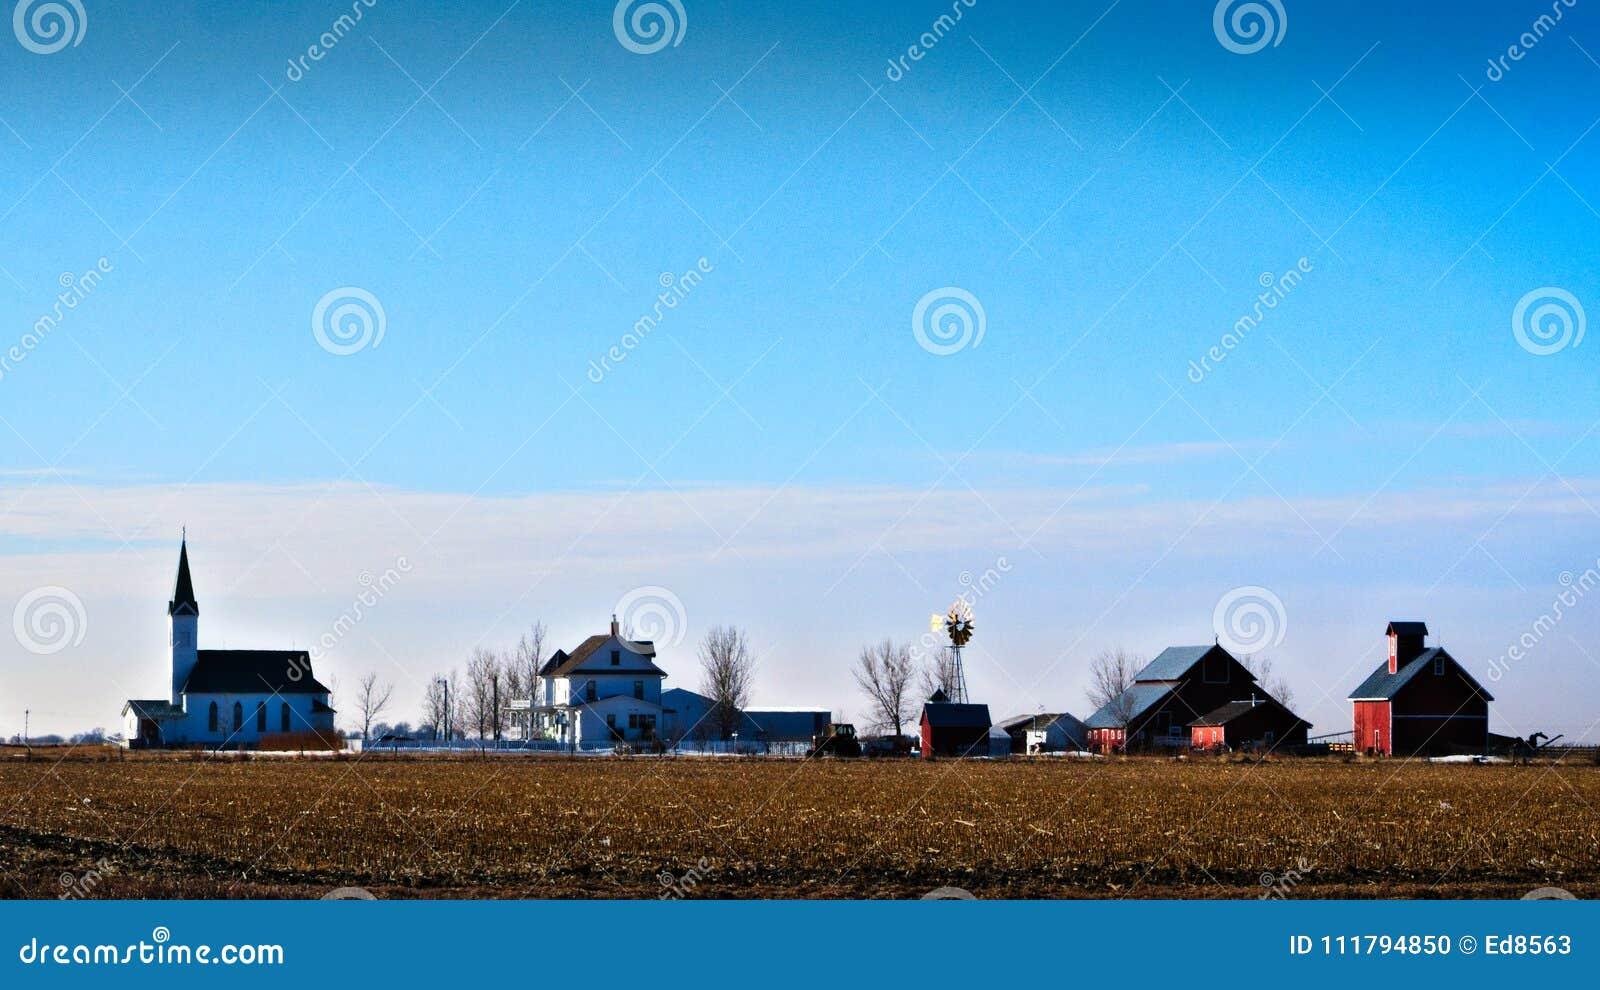 Landelijke van de de vlakteslandbouwbedrijf en kerk van midwesten scène